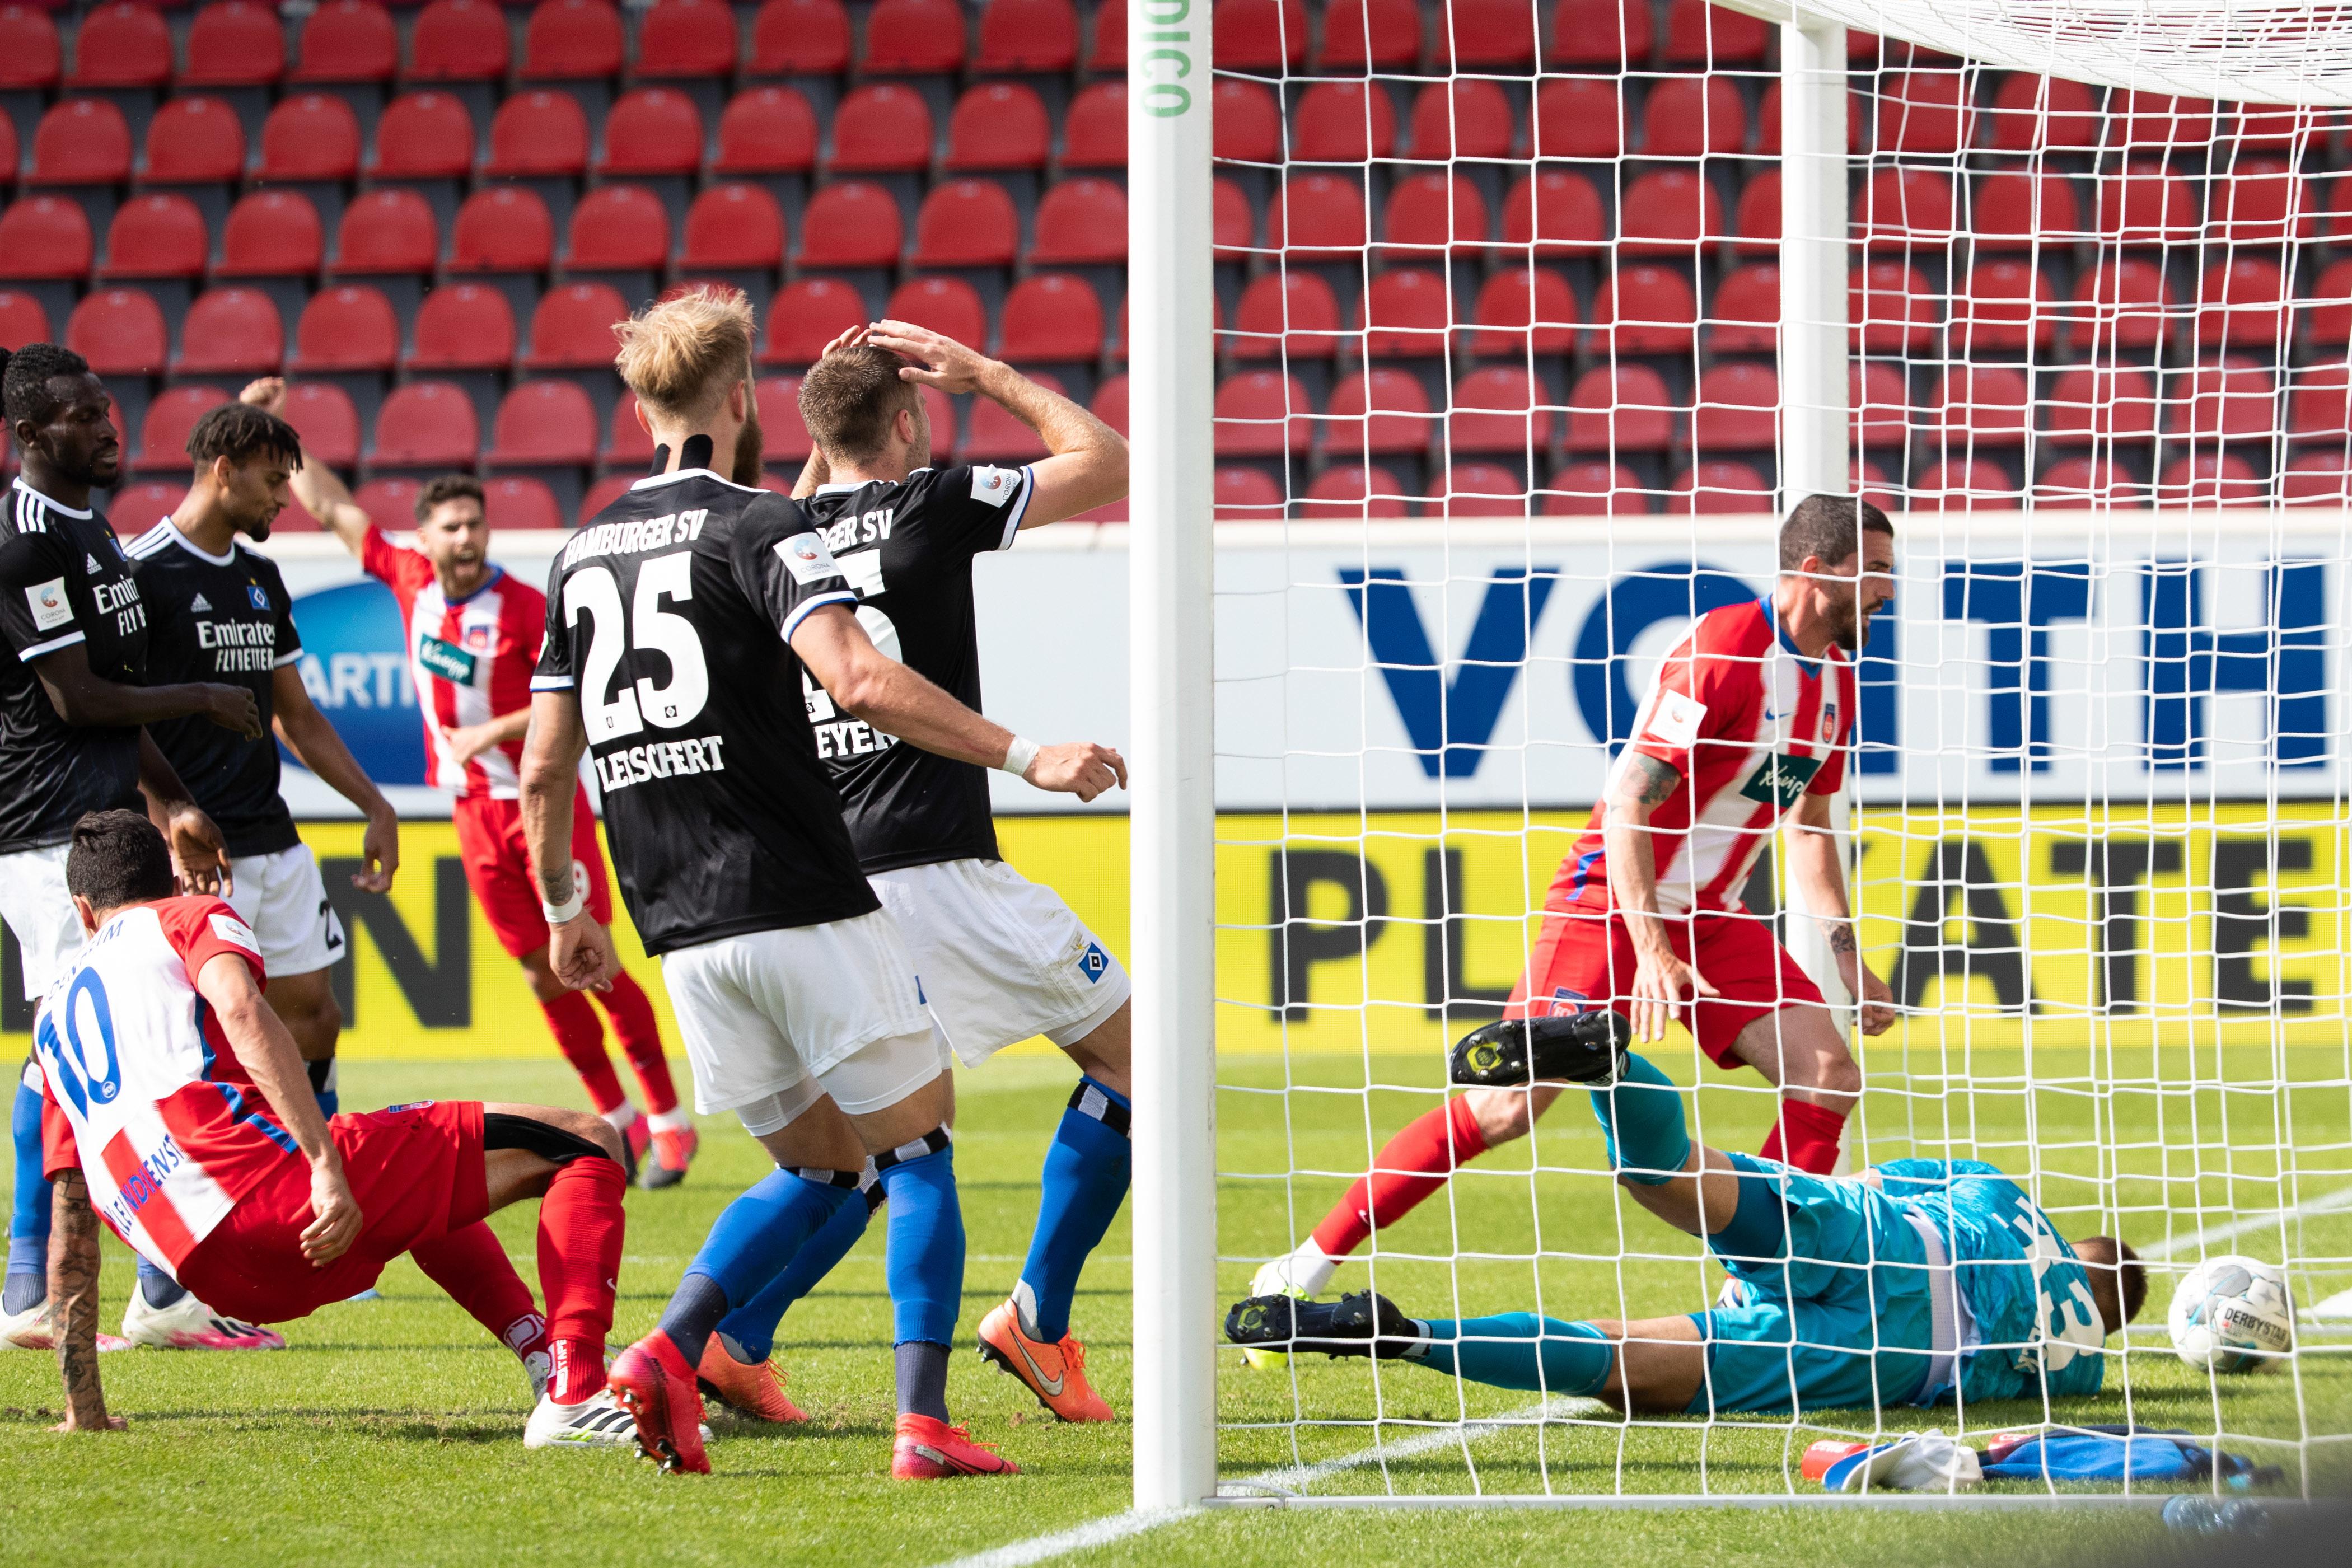 Der Hamburger SV ließ sich vom 1. FC Heidenheim überholen und steht nun auf dem vierten Rang.